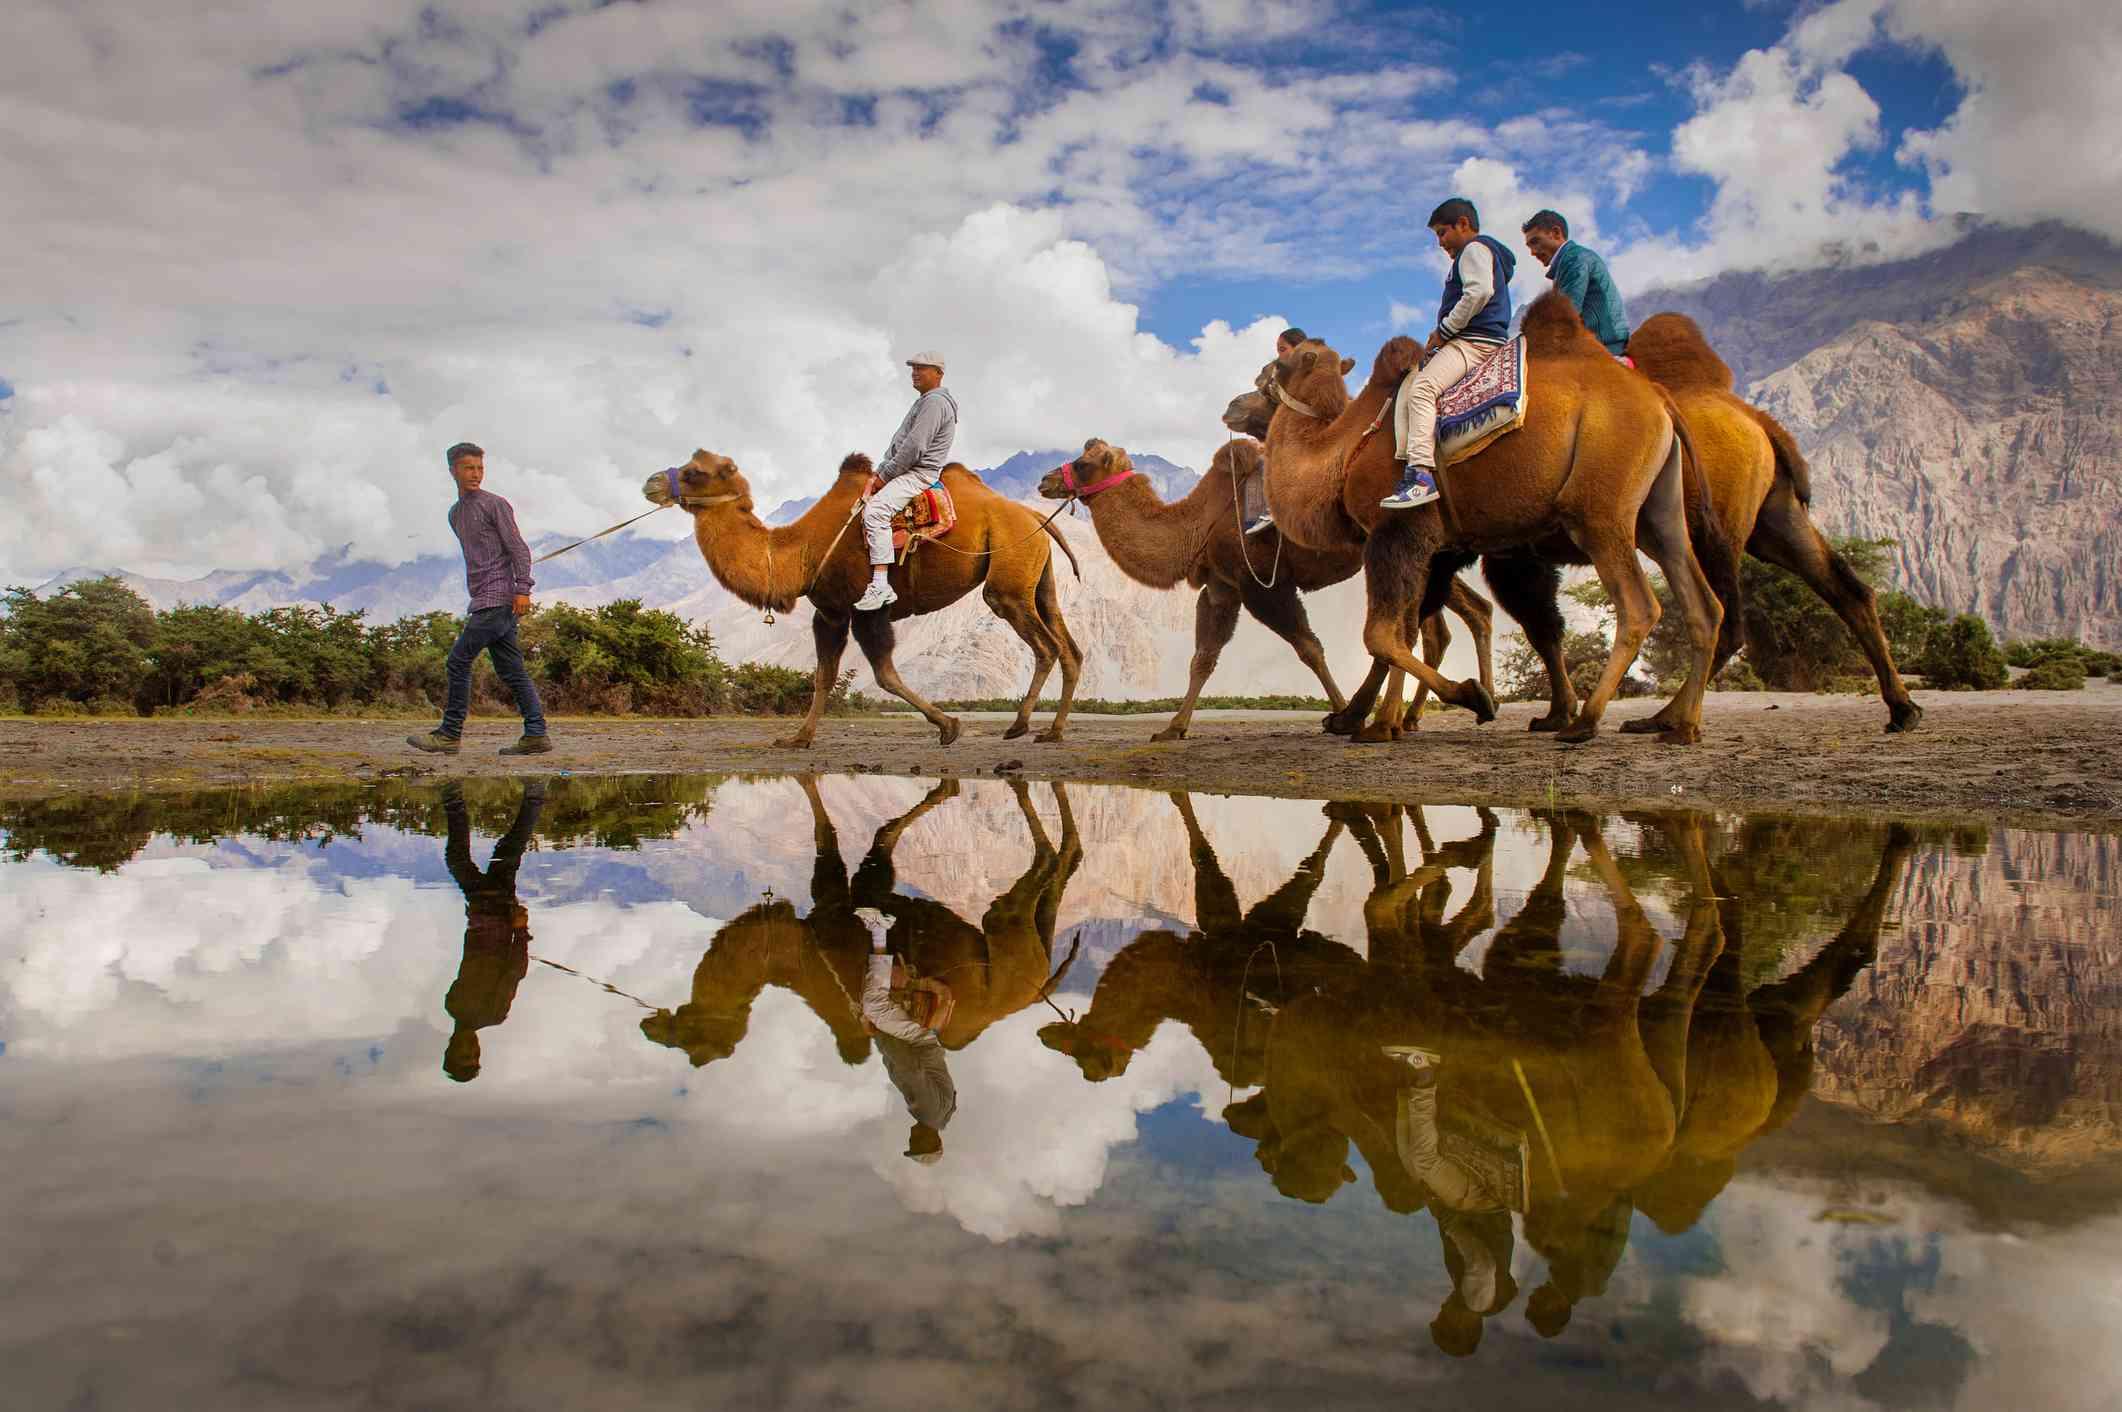 Traveller ride camel in sand dunes between Deskit and Hunder village.